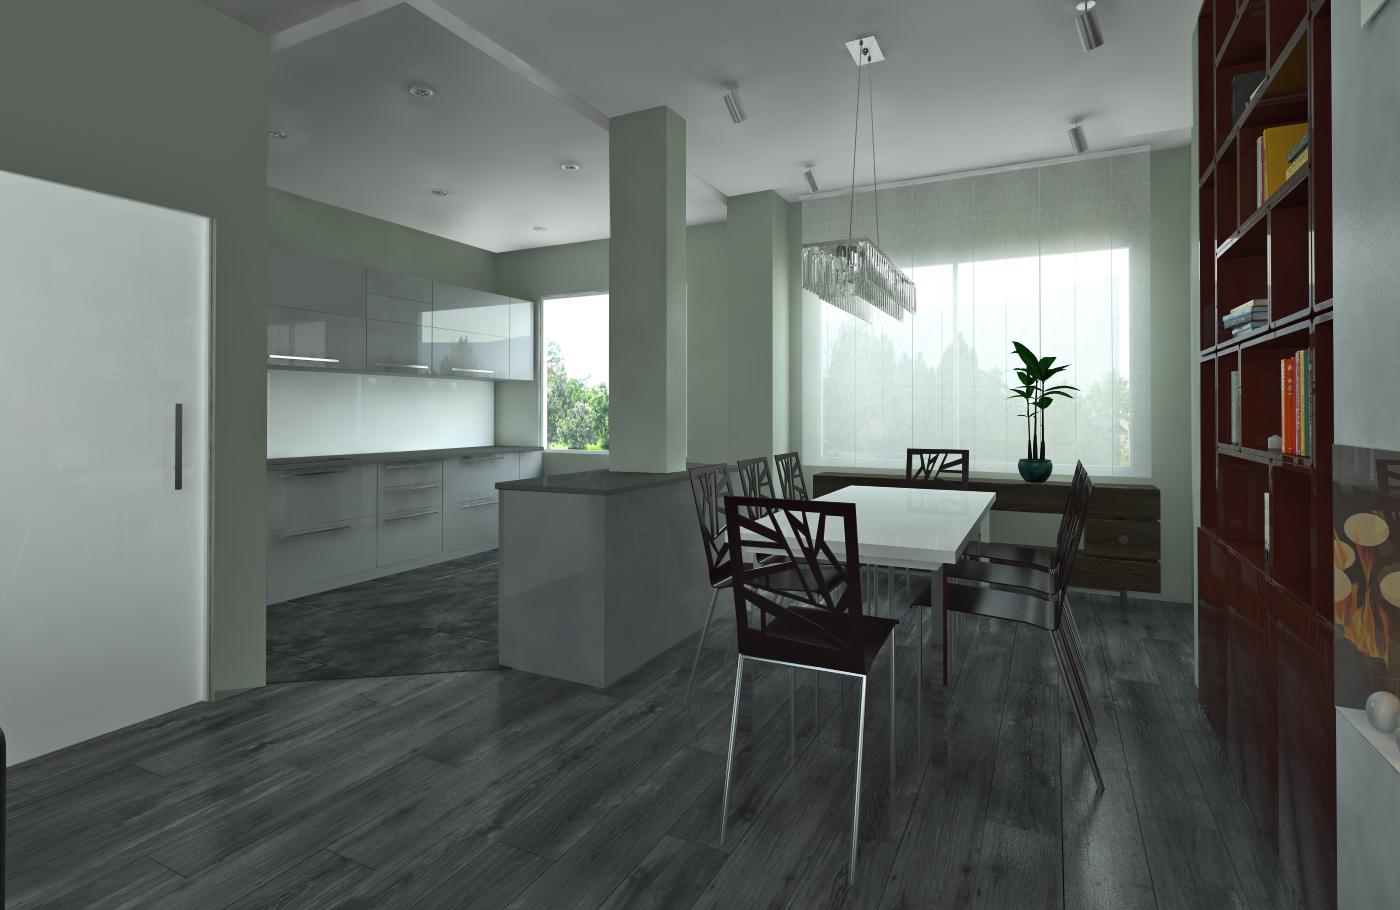 kitchen, planning, 3d